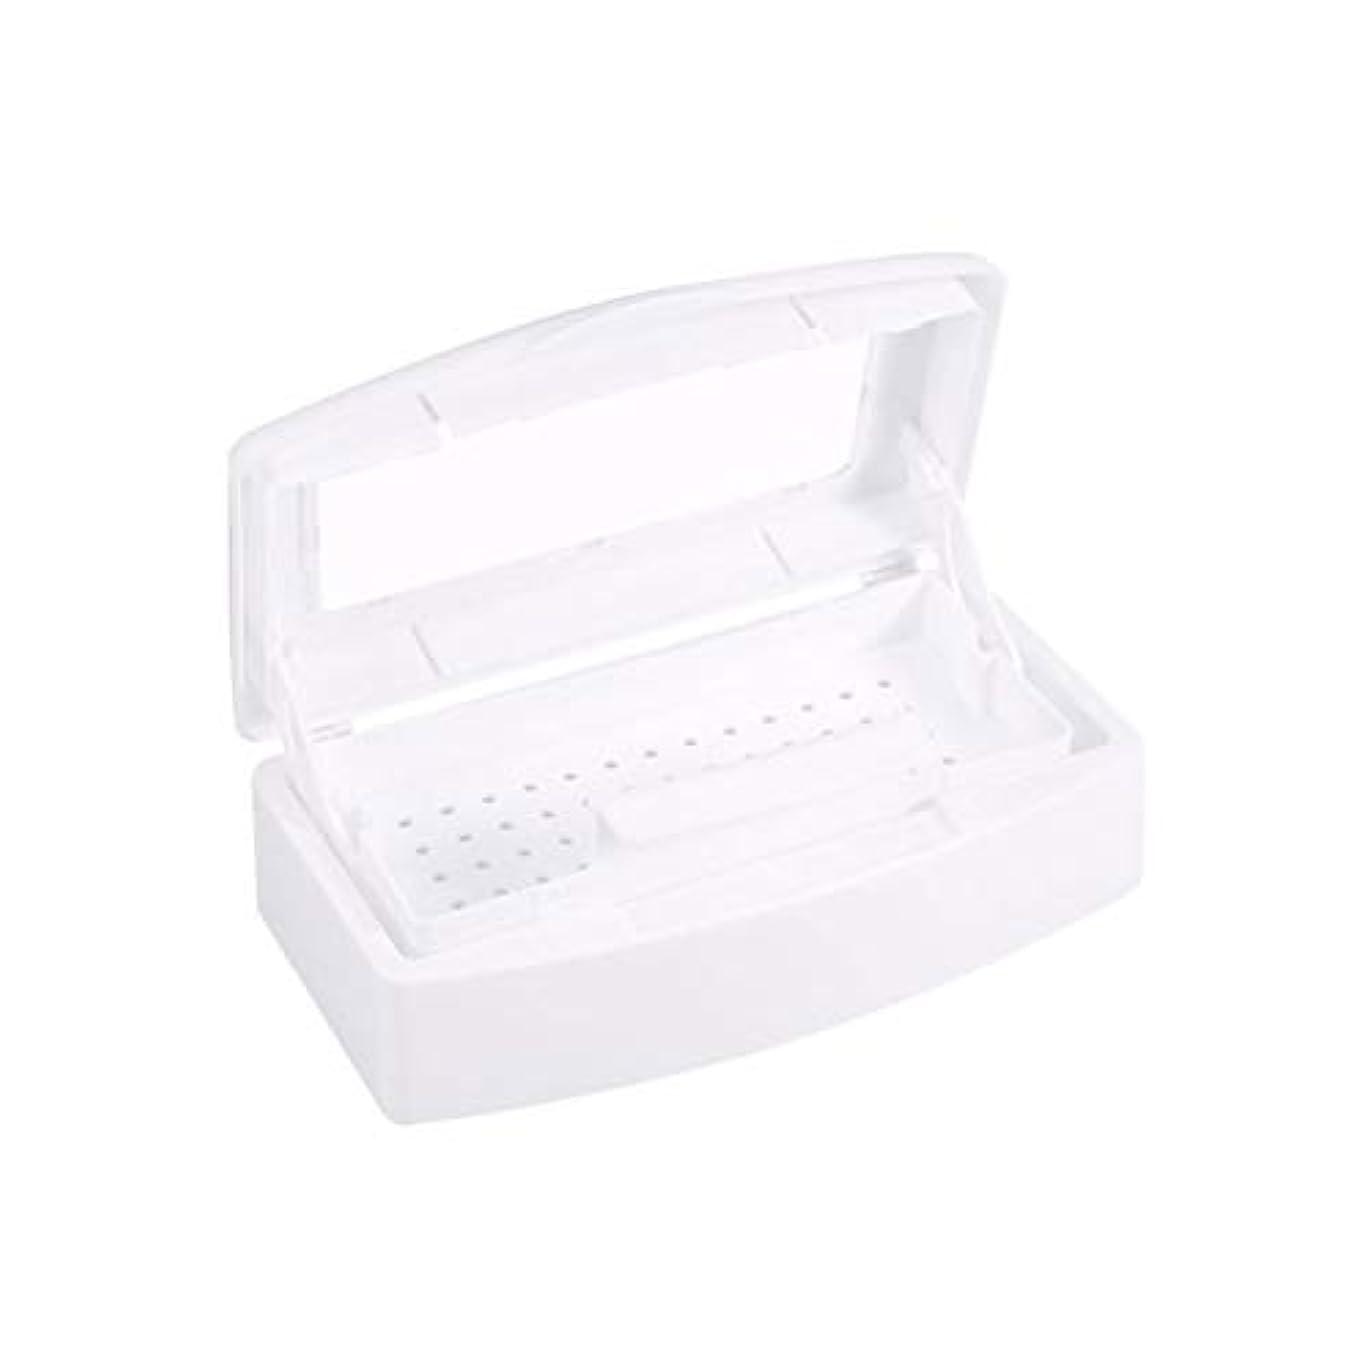 重くする心理的署名殺菌消毒ペディキュアネイルネイルを殺菌ネイル清掃用具の収納ボックス